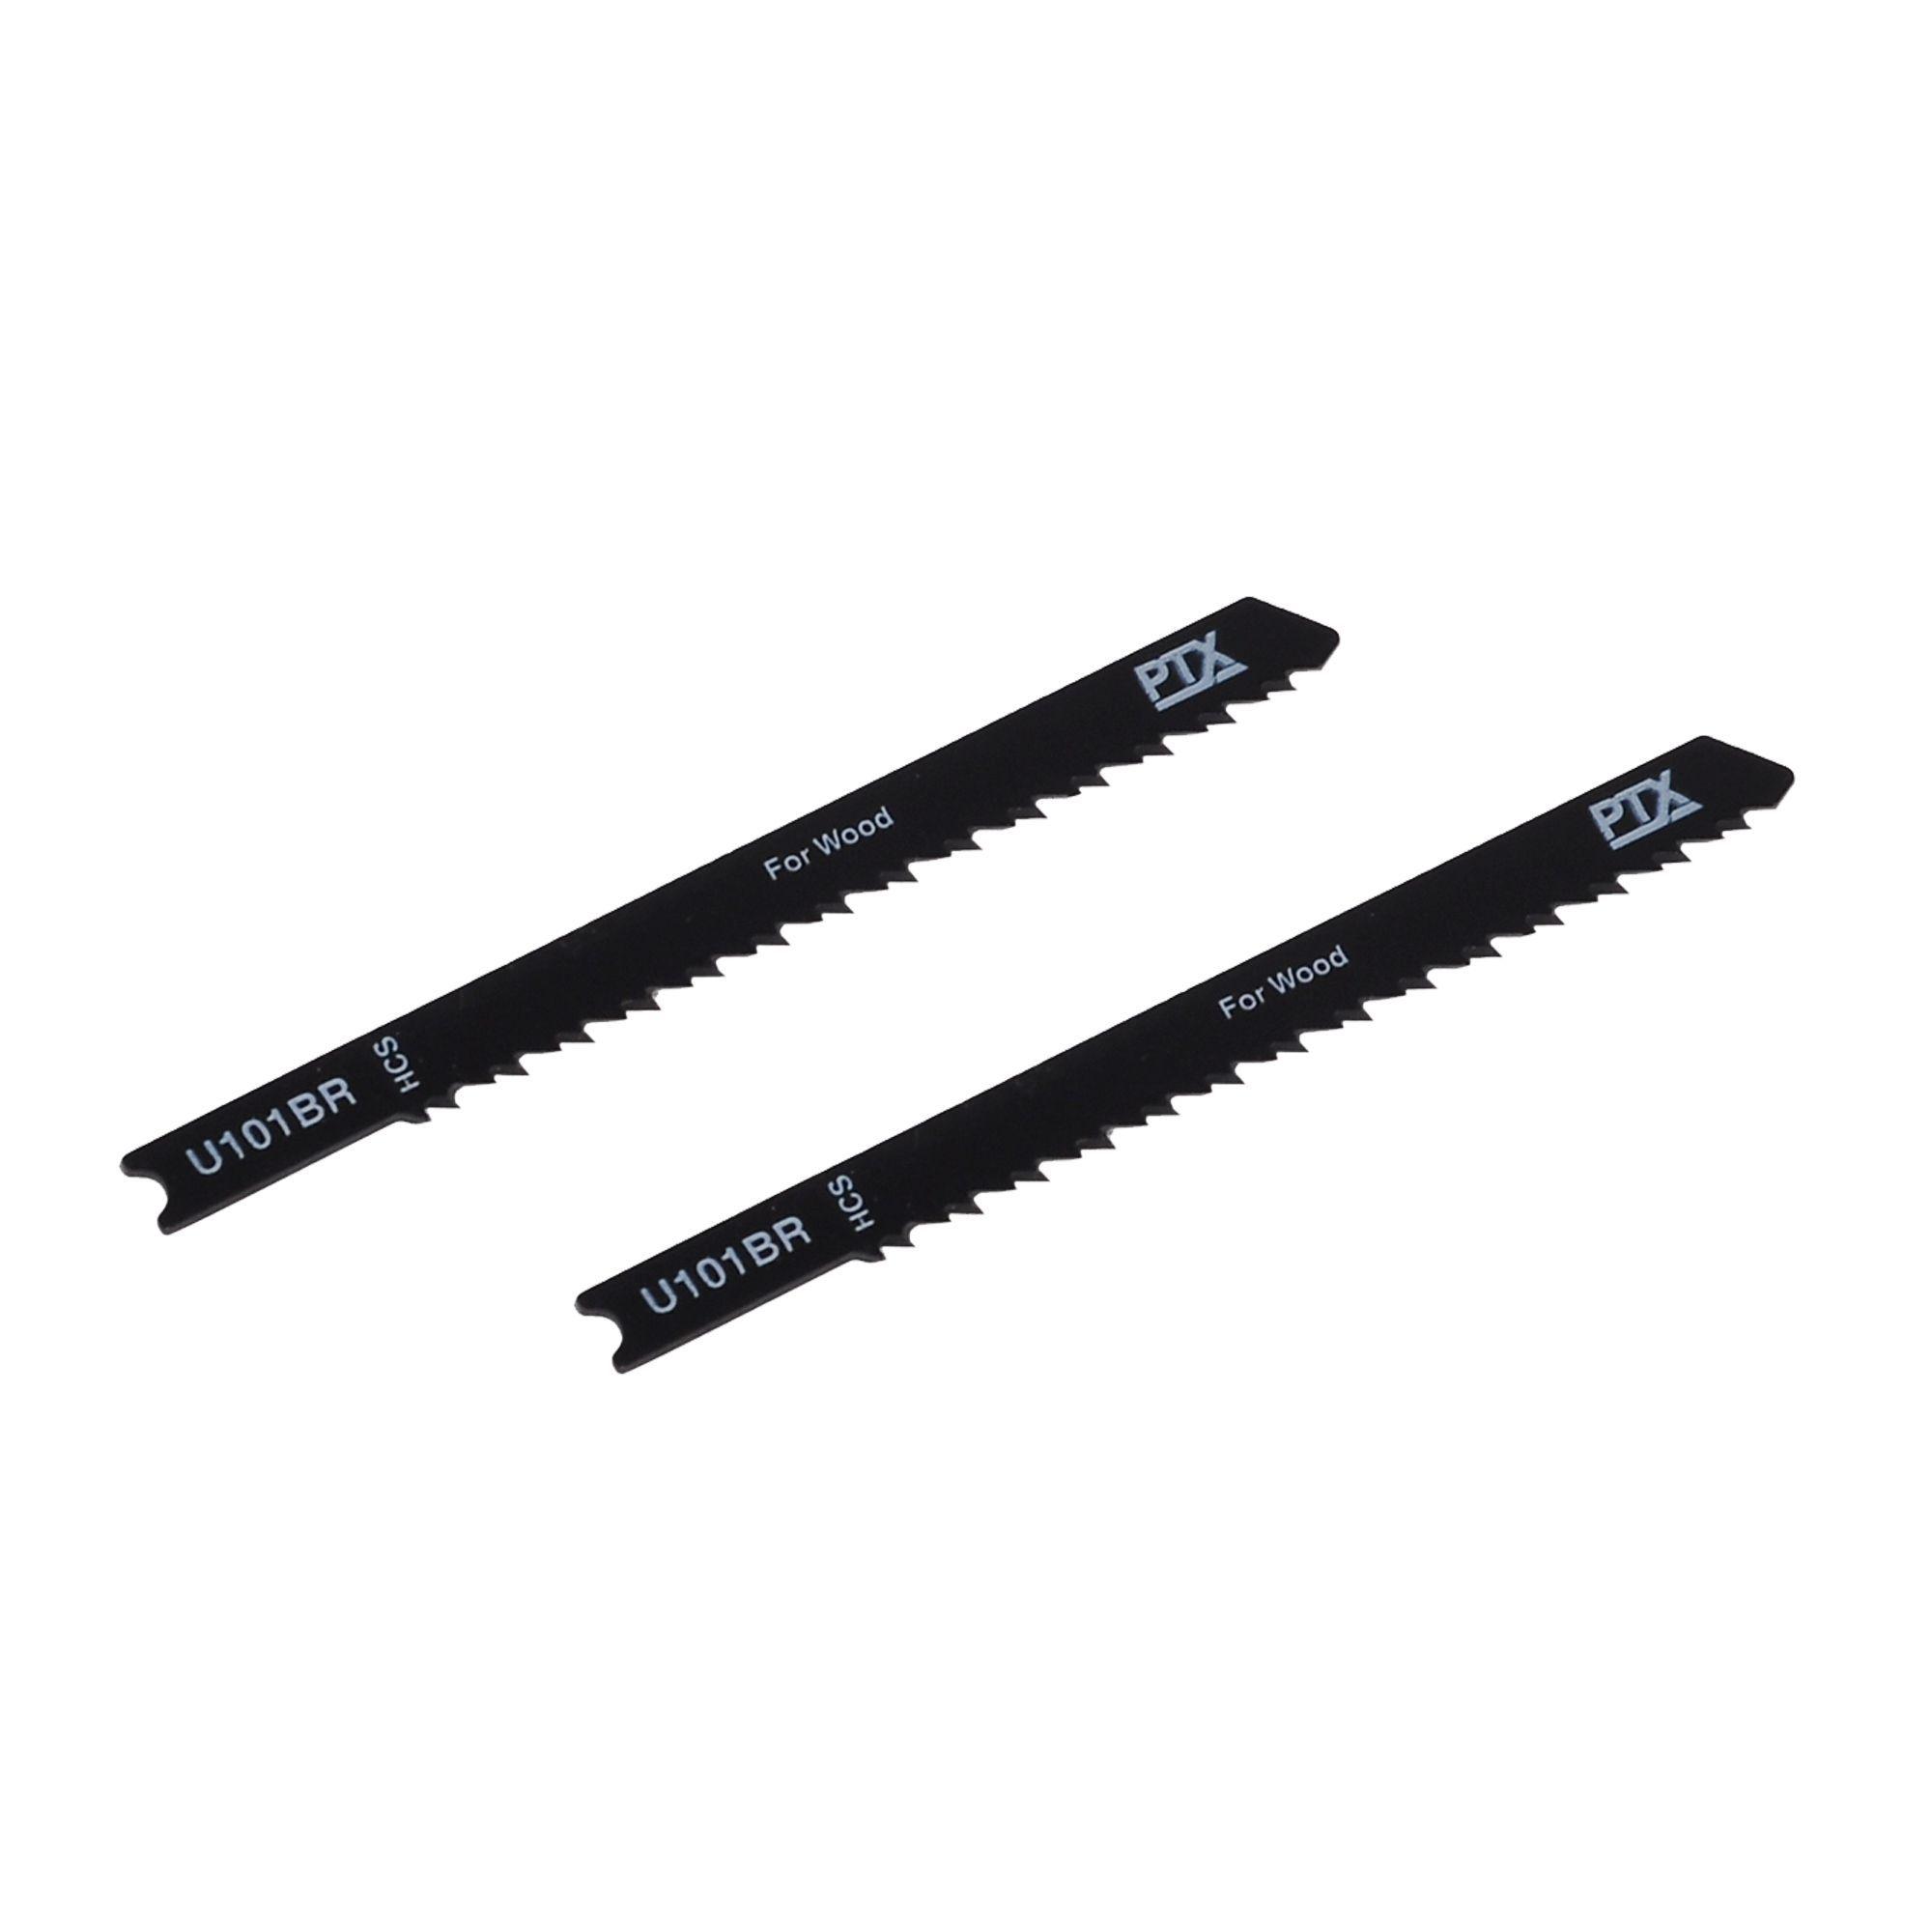 Ptx U-shank Wood Jigsaw Blade U101br 108mm, Pack Of 2